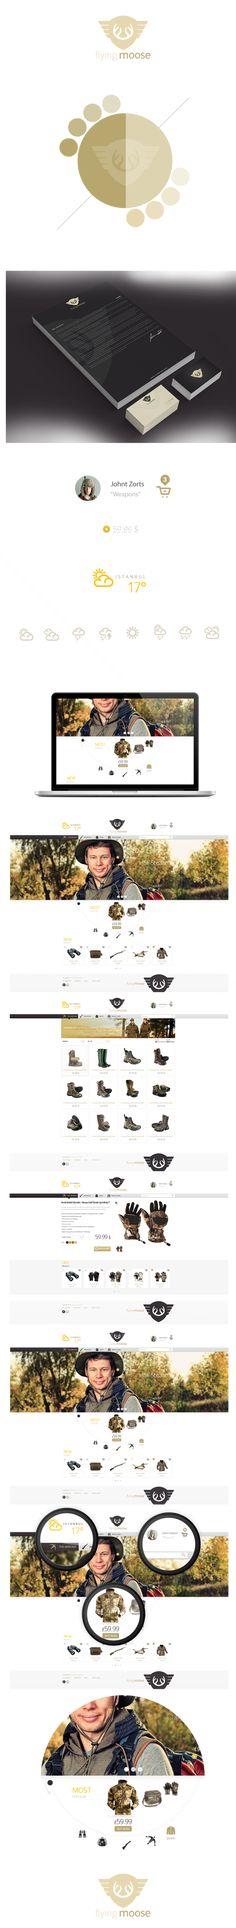 Flying Moose by Cüneyt ŞEN, via #Behance #Mobile #Web webdesign inspiration